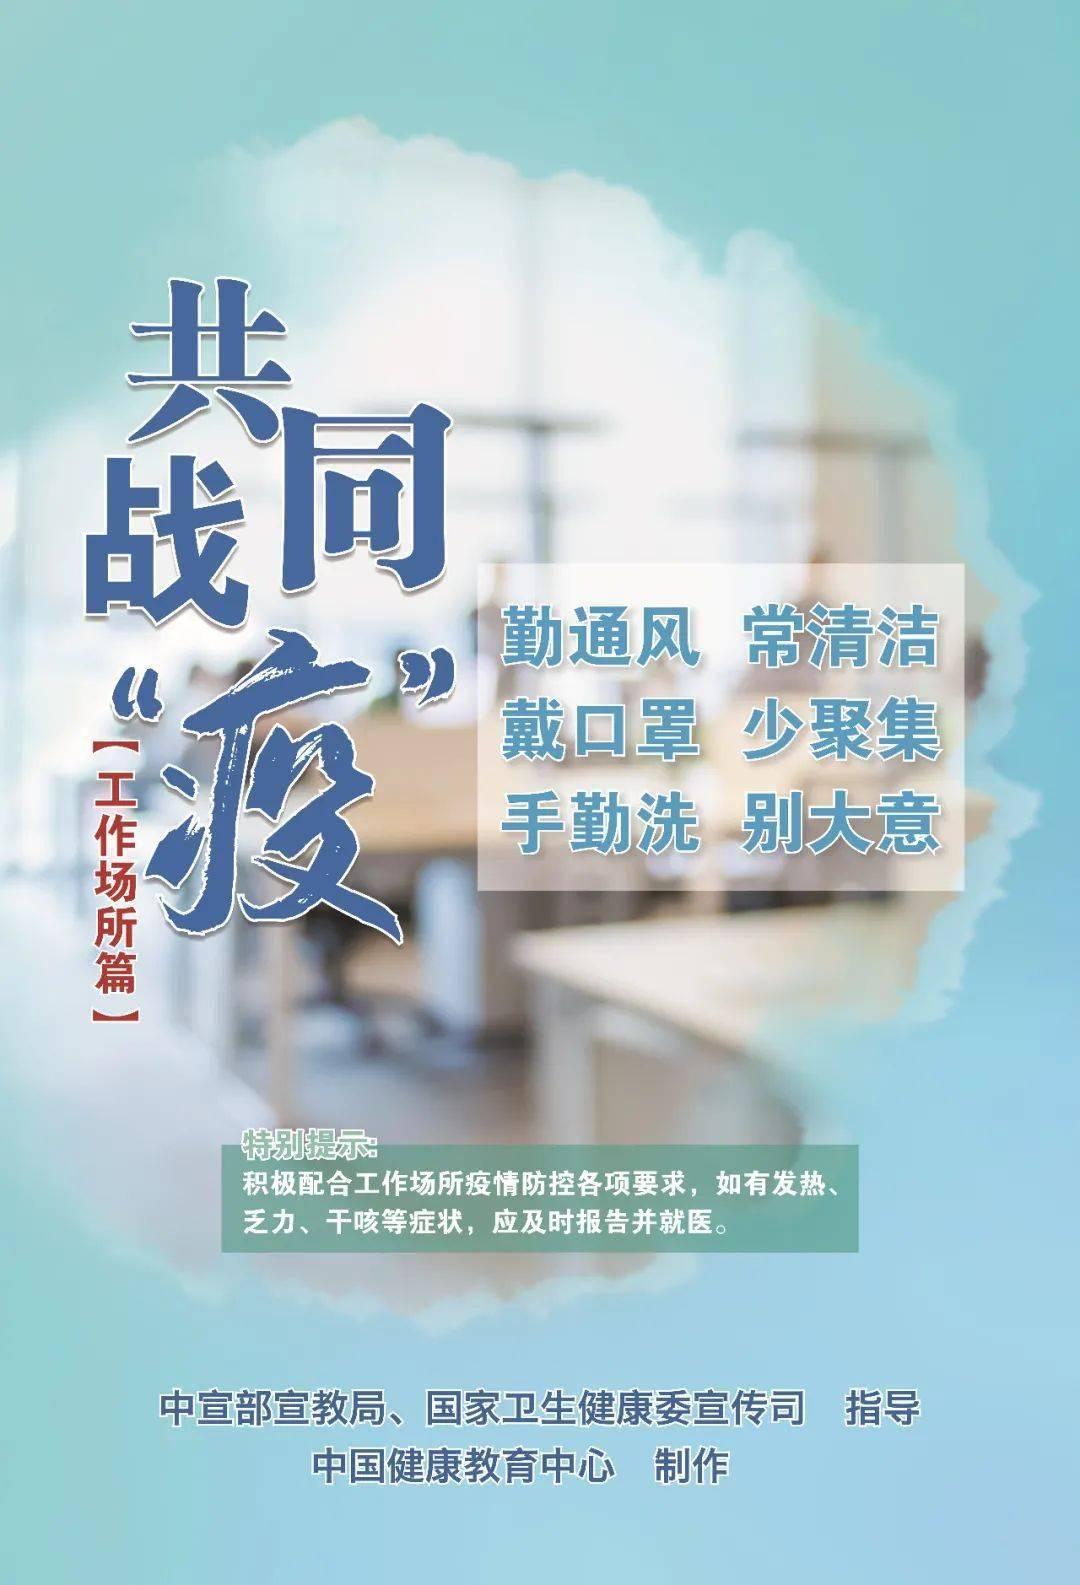 四环四环素广告快治人口_人口普查